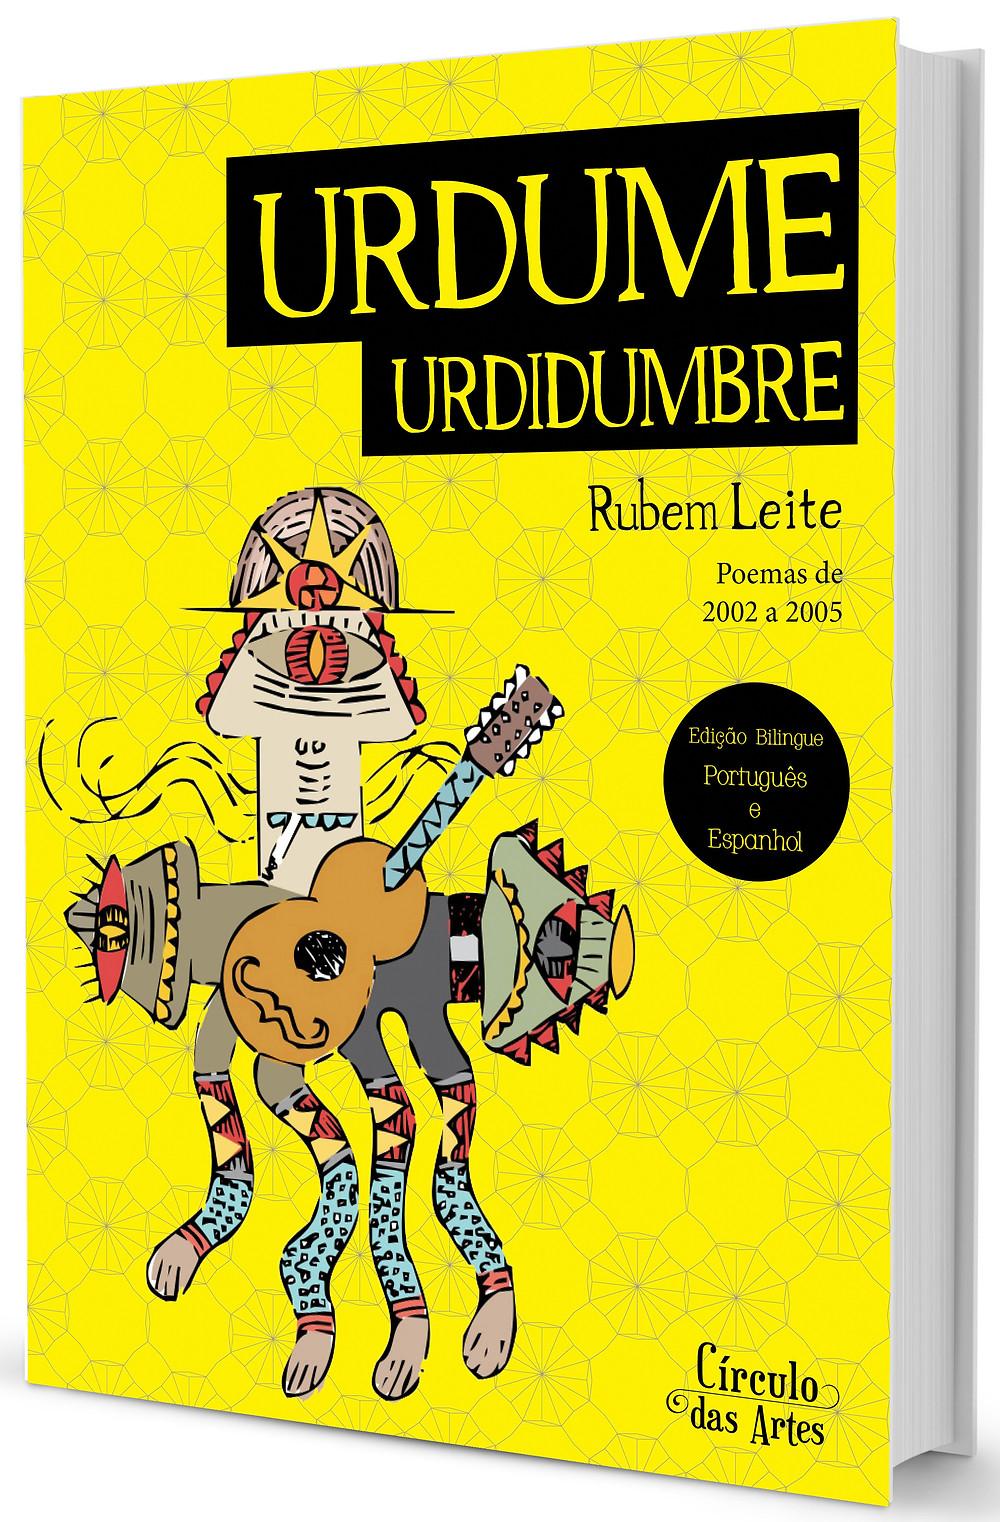 Capa do livro bilingue de Rubem Leite, Urdume / Urdidrumbre, lançado em 2014